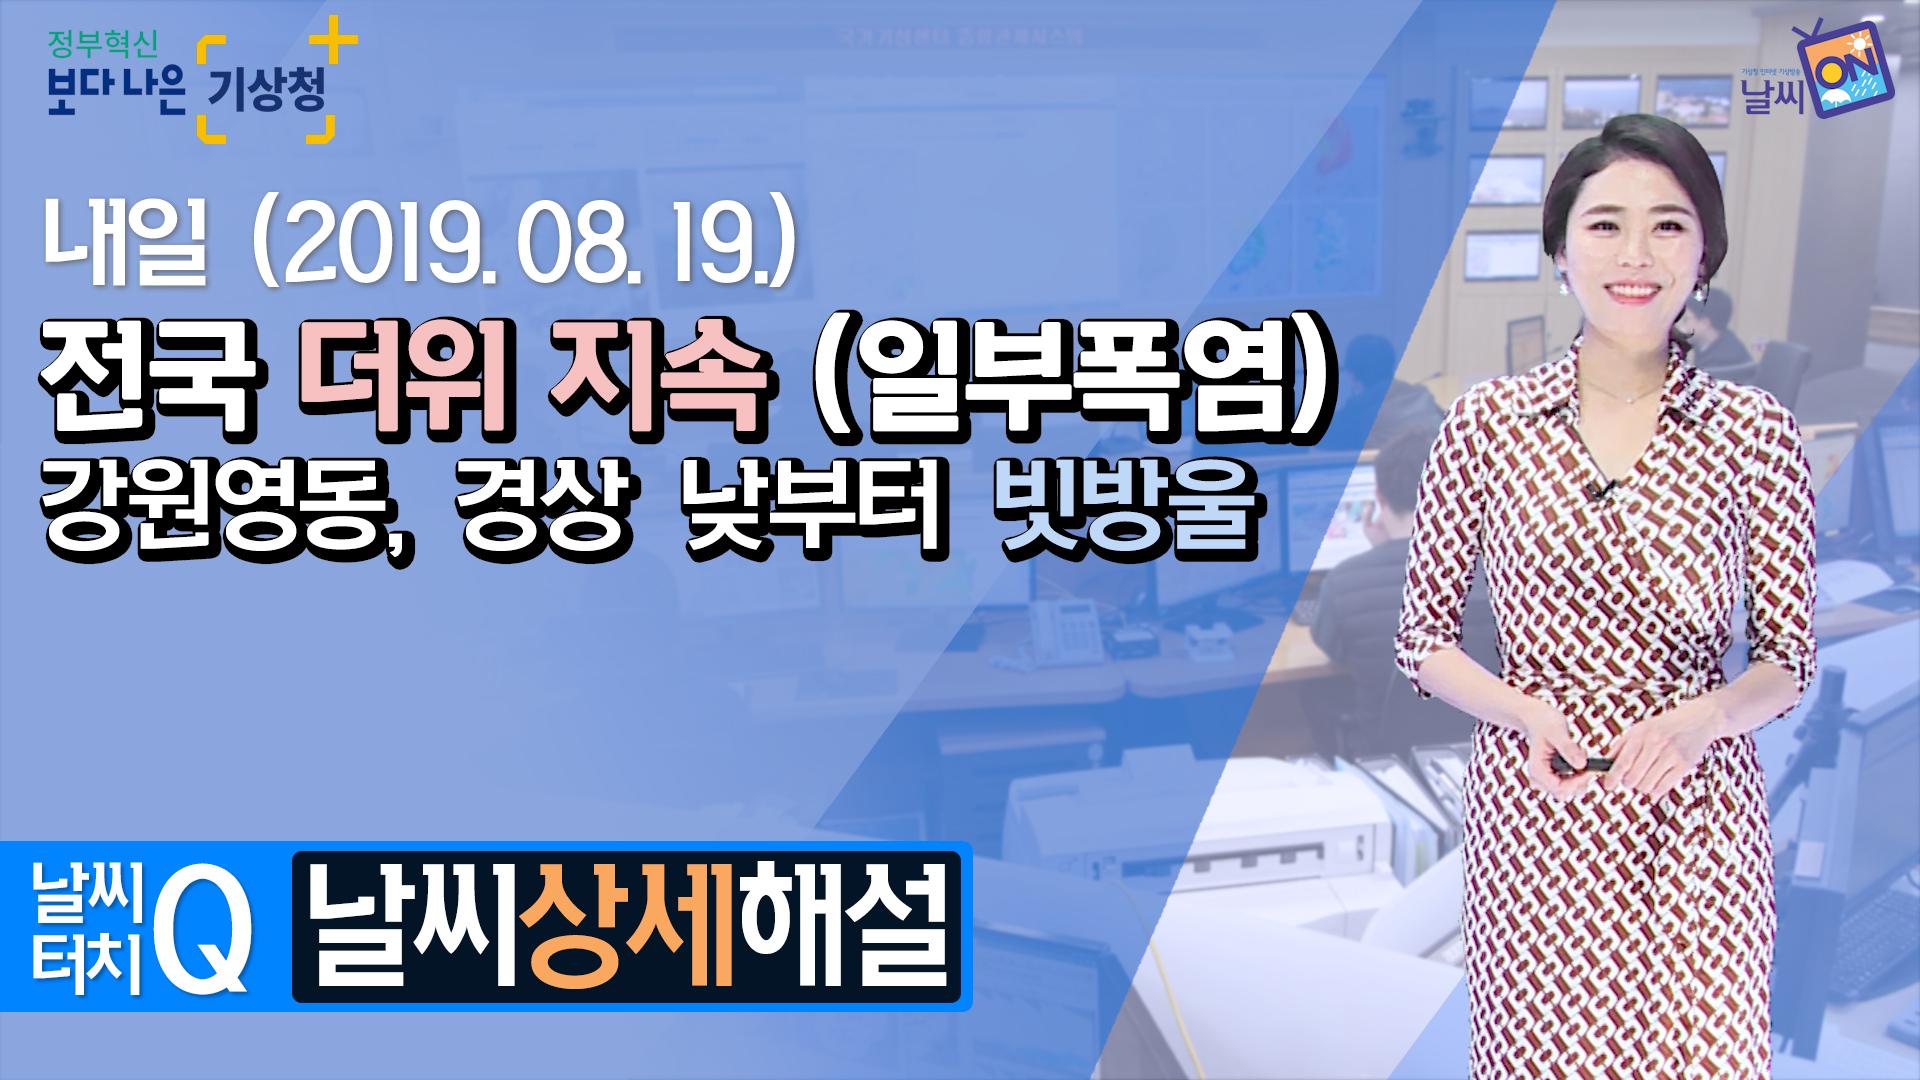 [19시] 8월 19일(월) 전국 더위 지속(일부폭염), 강원영동, 경상 낮부터 빗방울